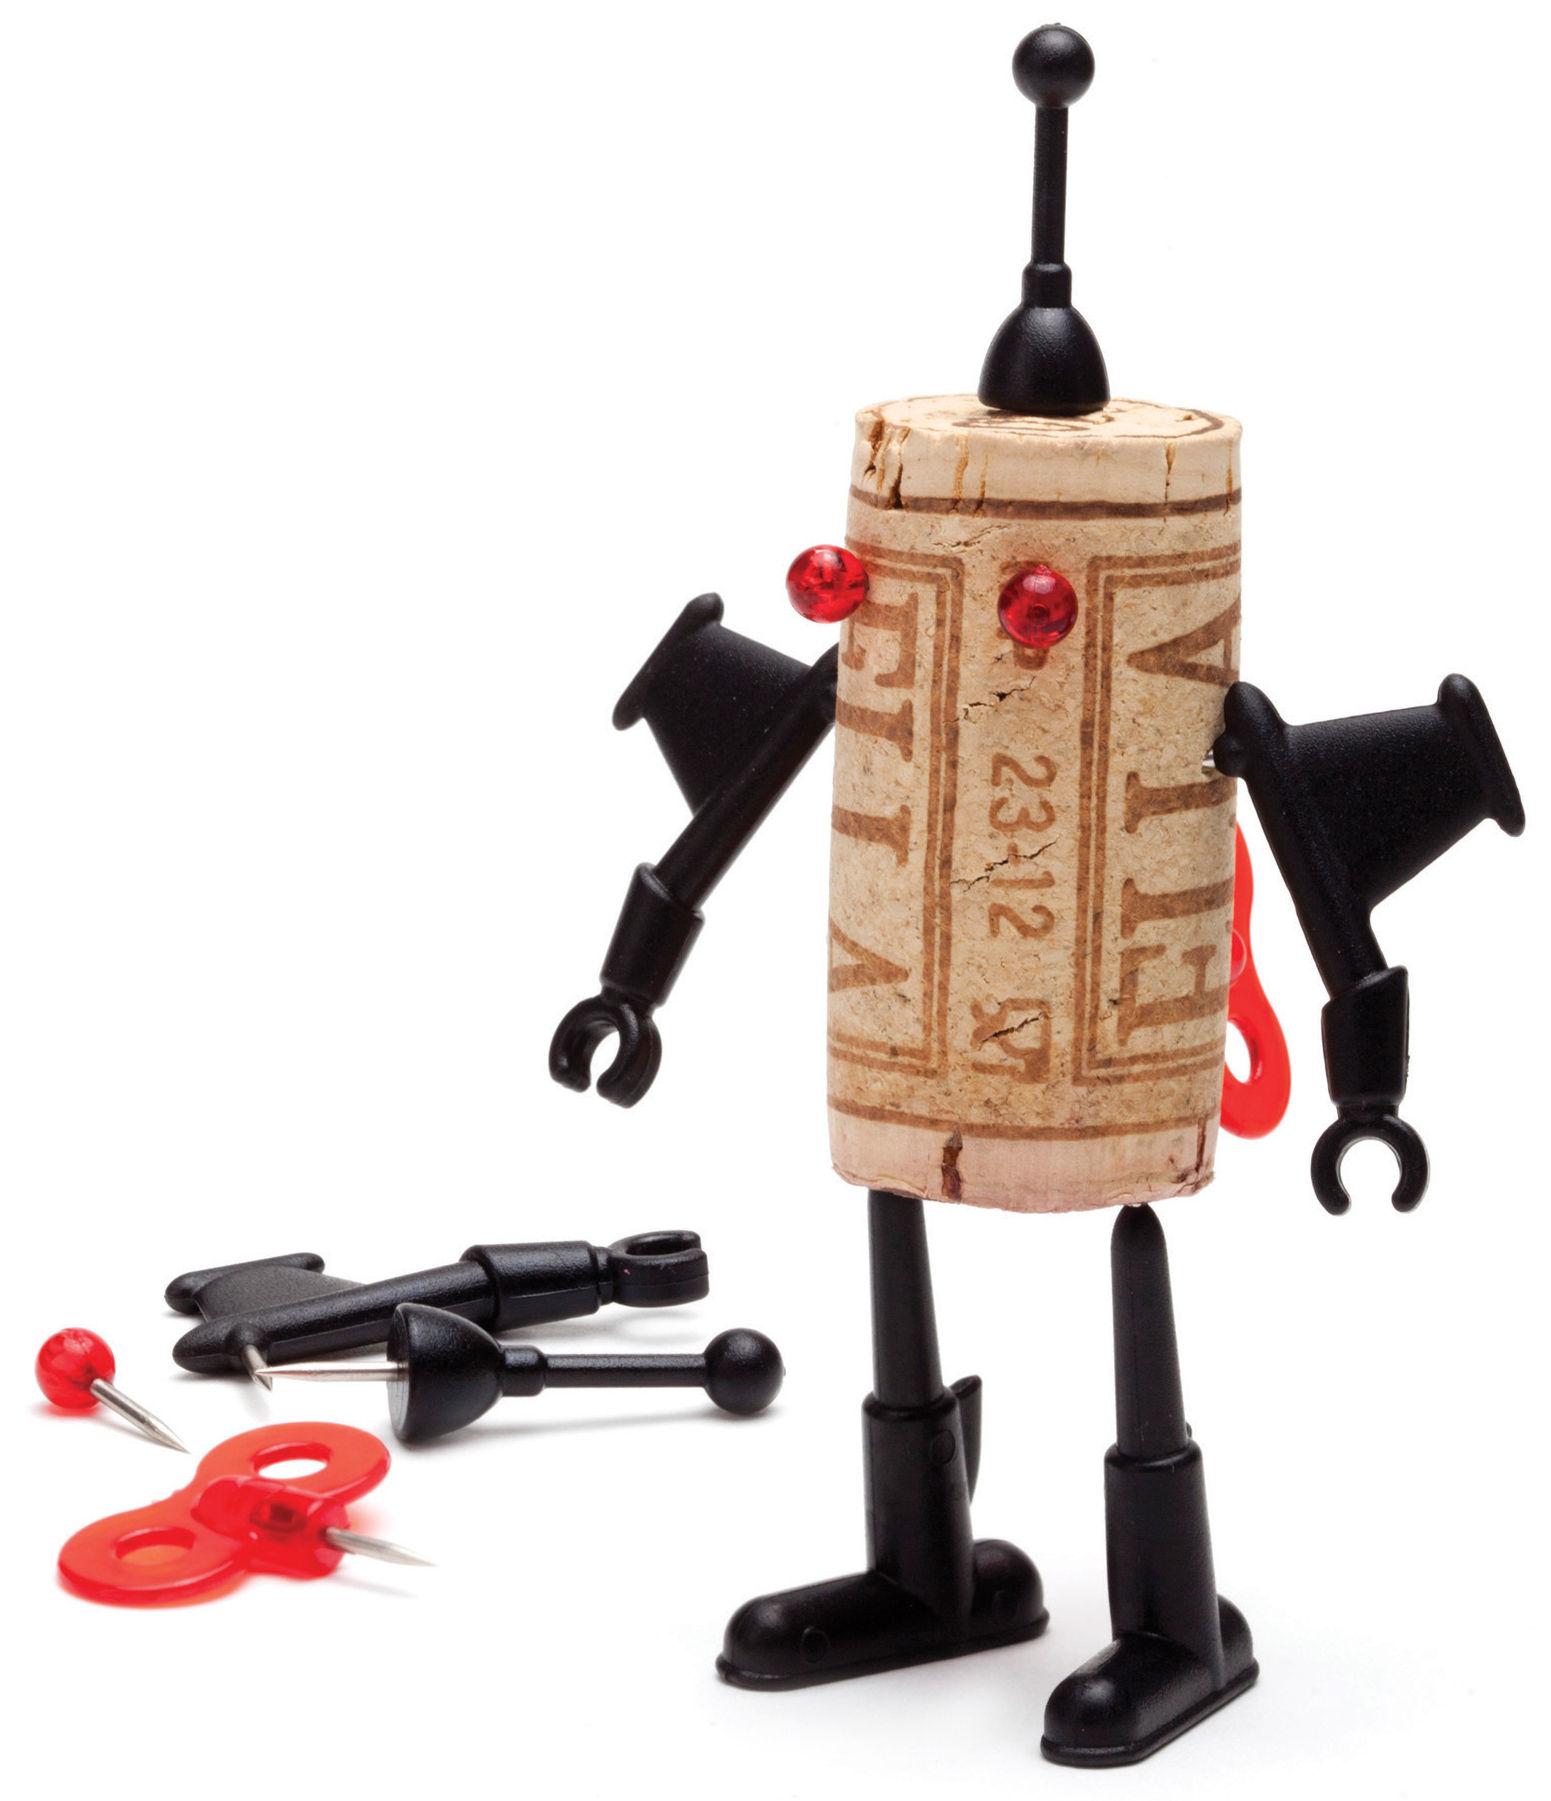 D coration corker robot pour bouchon de li ge yuri pa - Bouchon de liege decoration ...